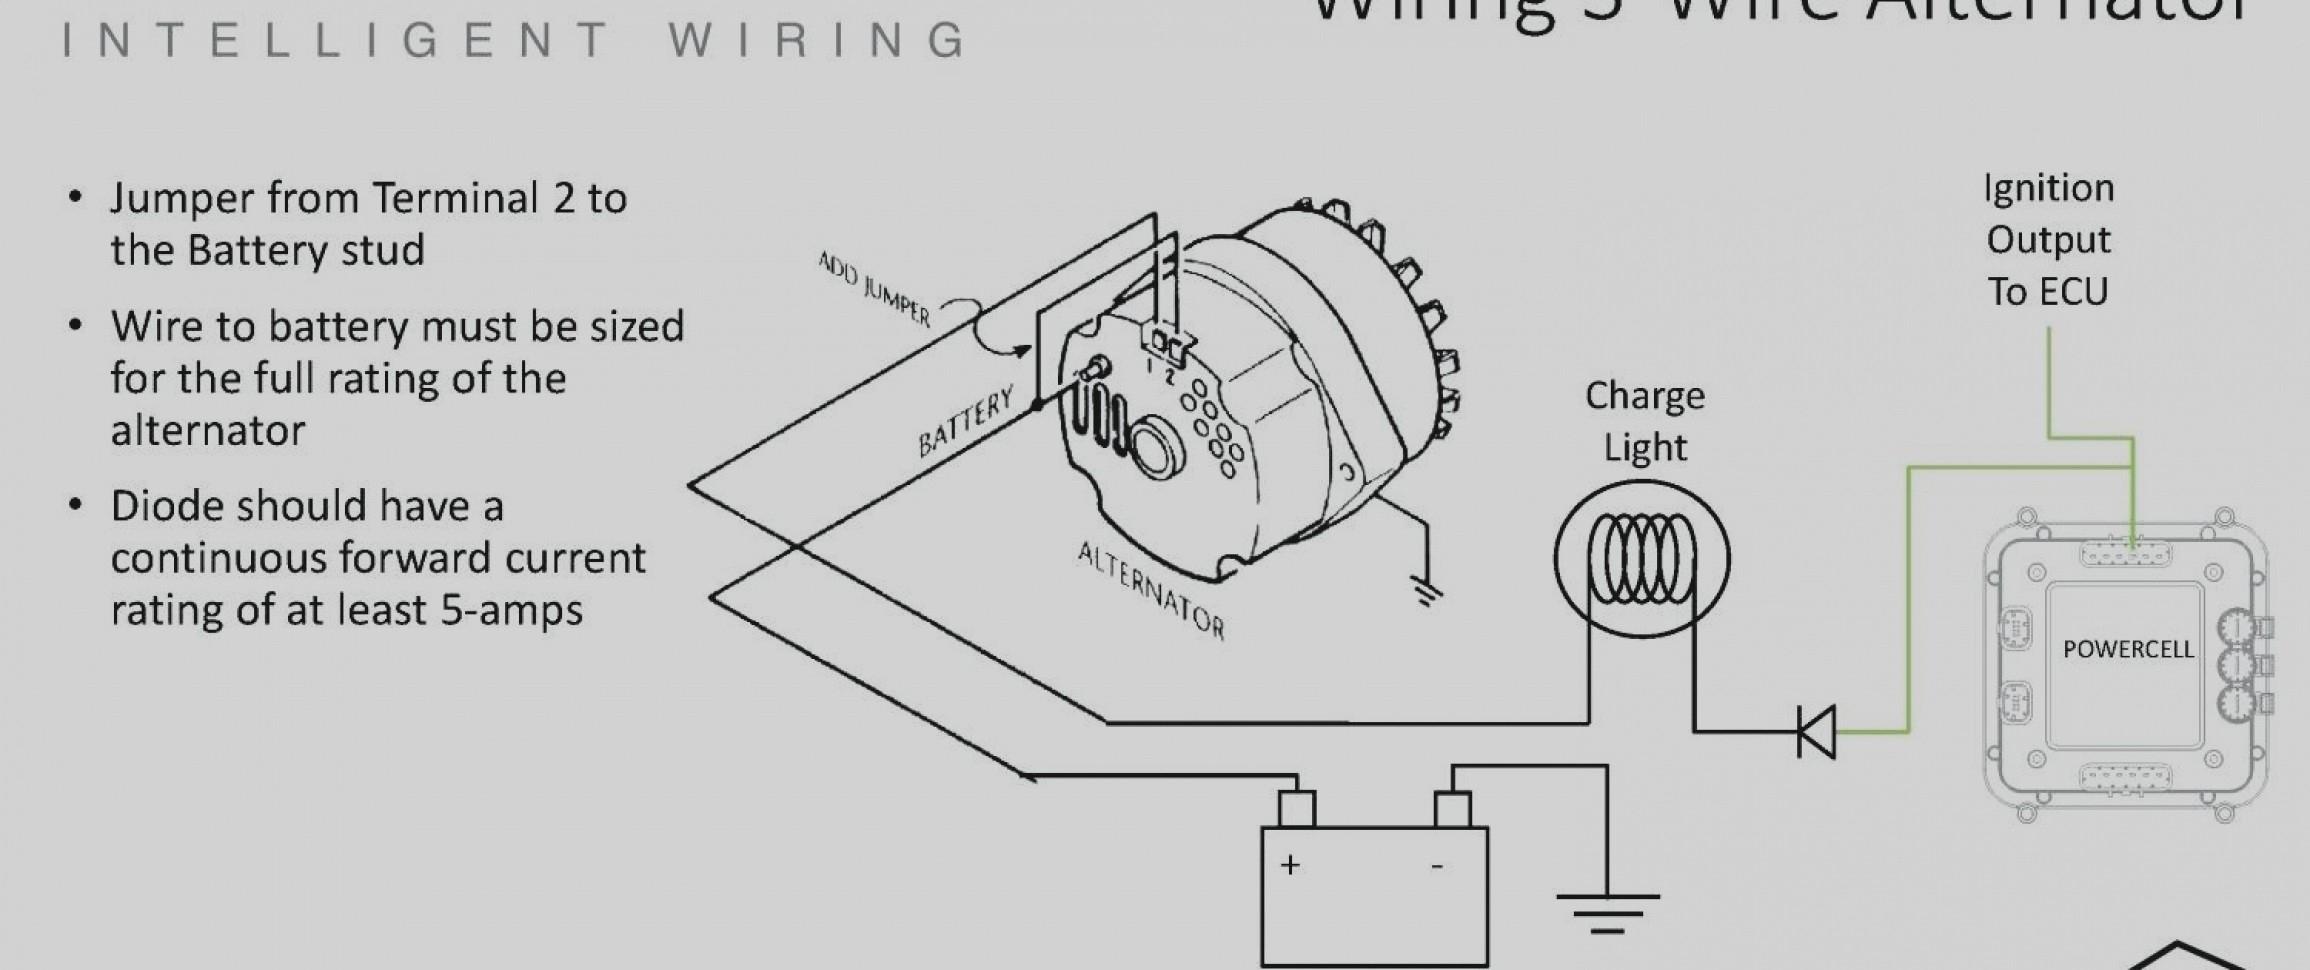 Chevy 350 Alternator Voltage Regulator Wiring Diagram - Wiring Diagrams - Alternator Wiring Diagram Chevy 350